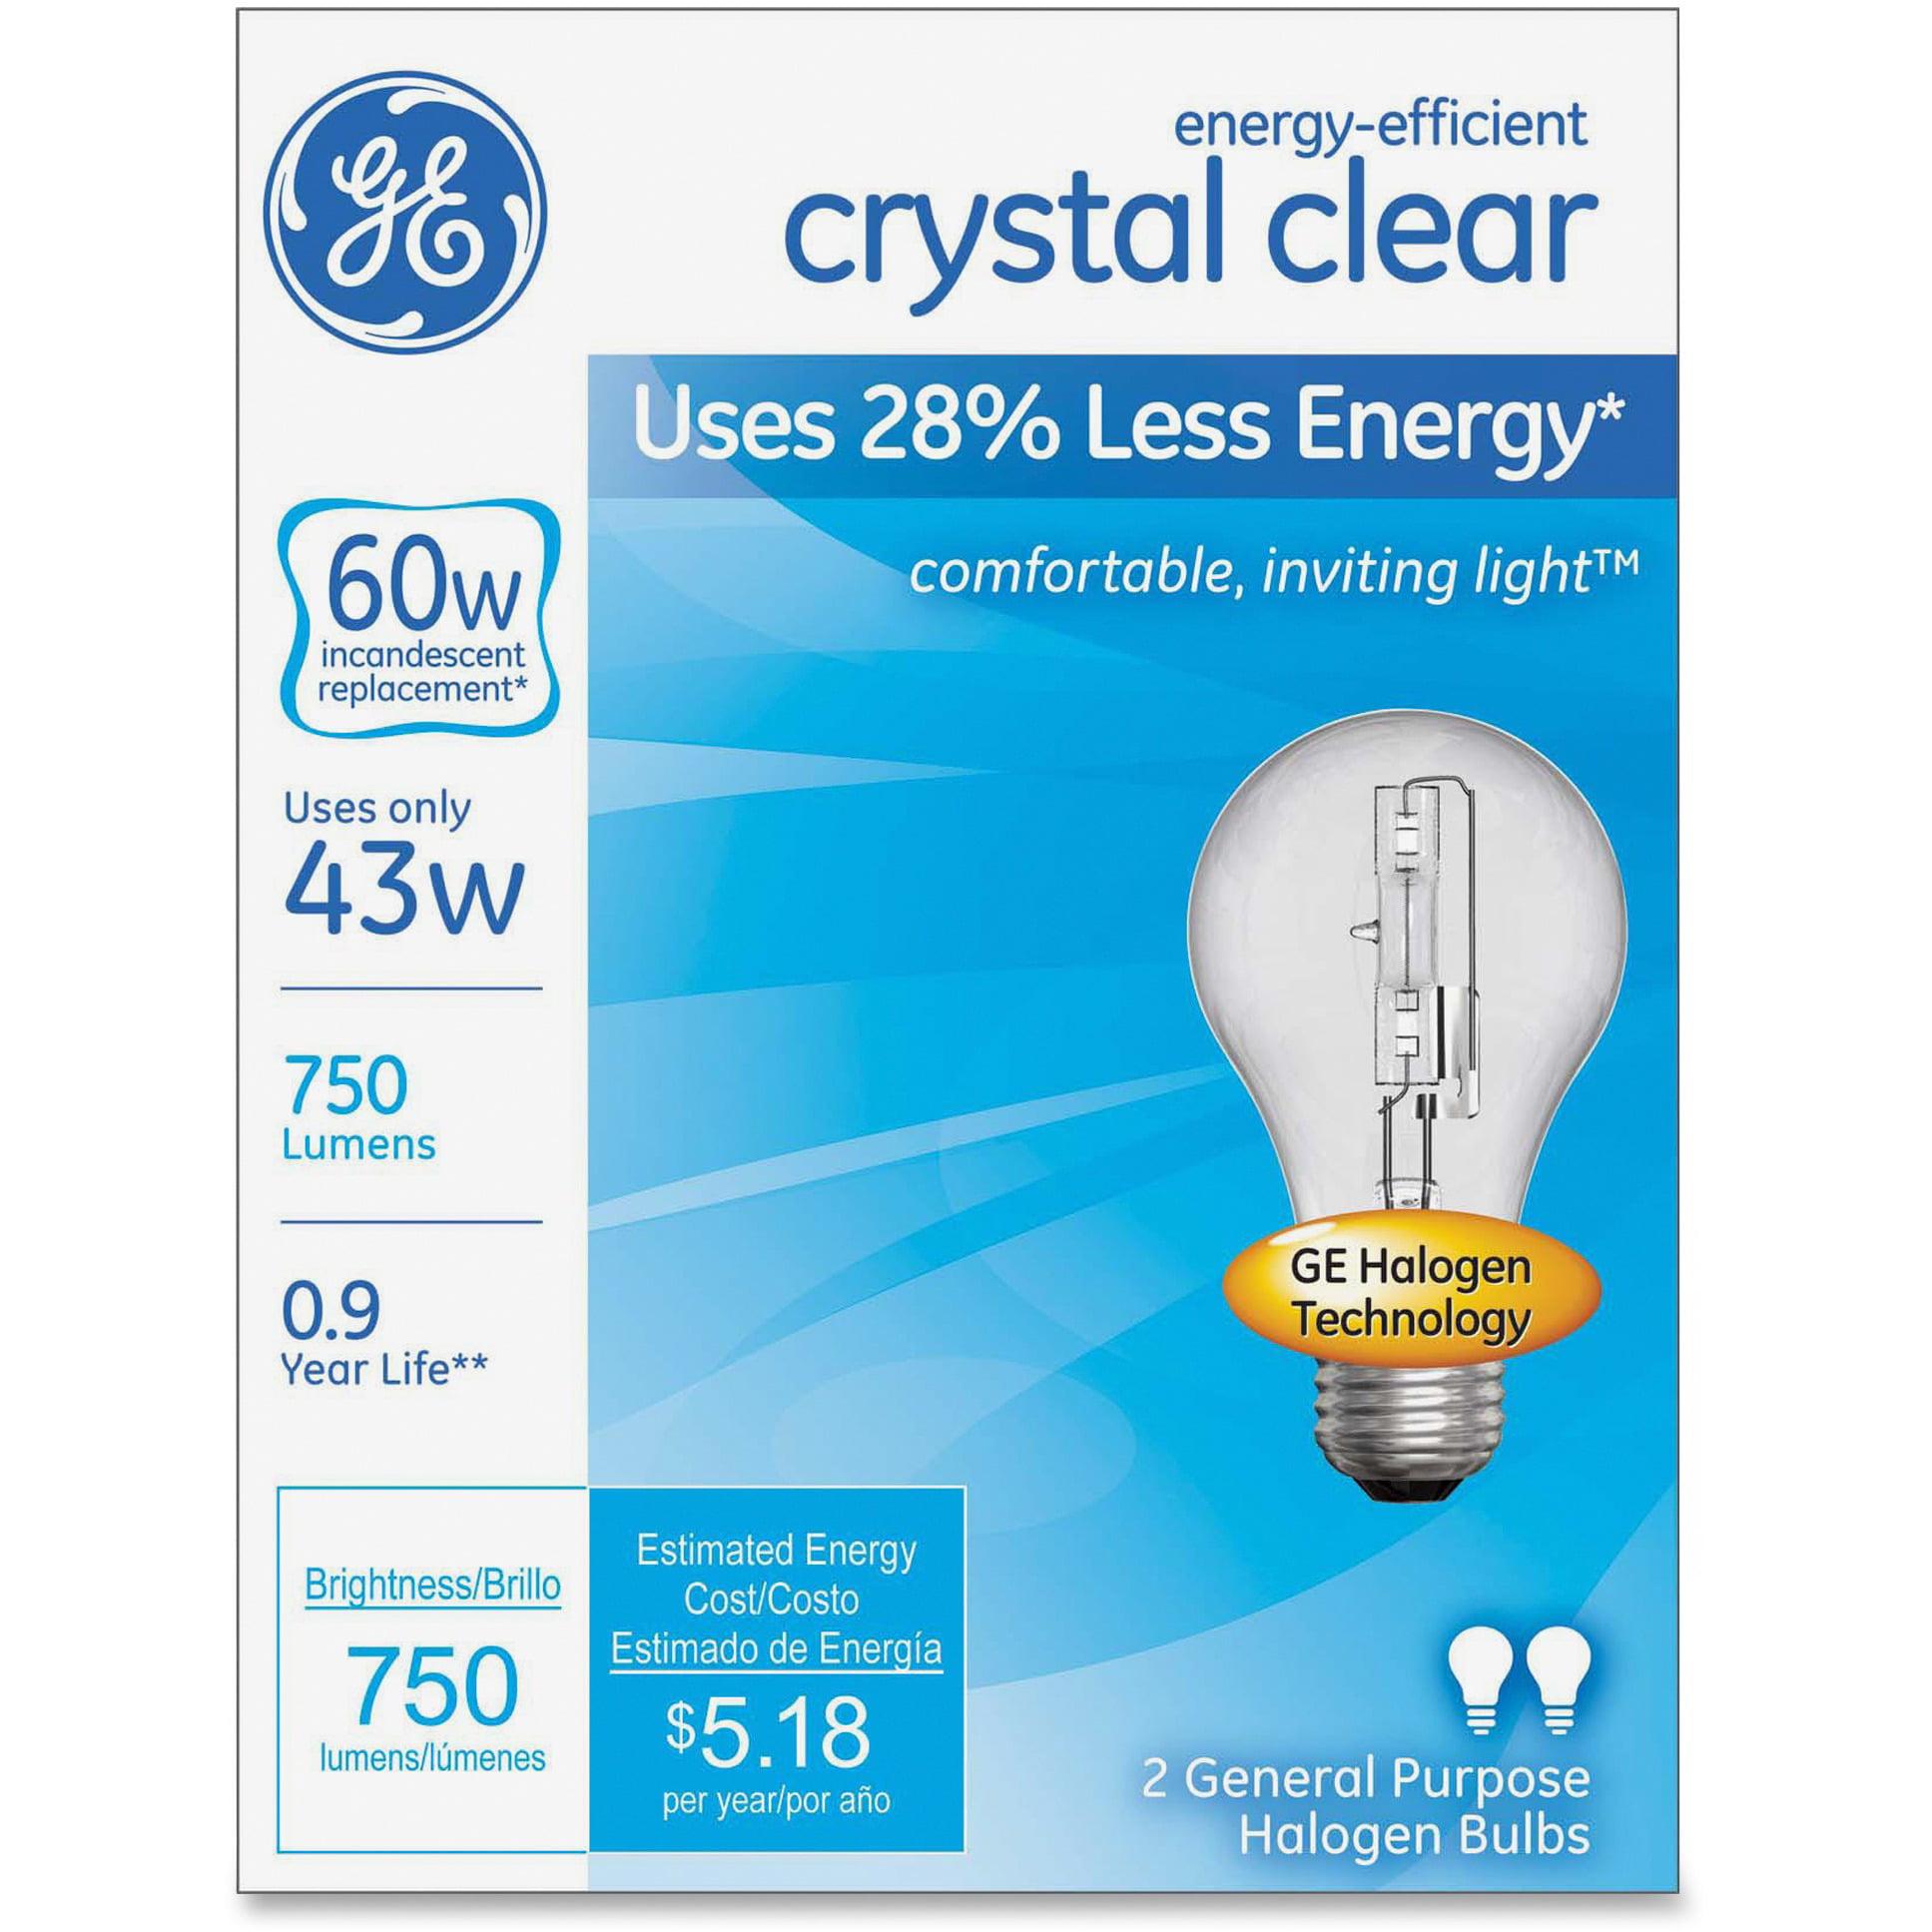 GE Lighting Energy efficient Clear 43W Bulb. Energy Efficient Light Bulbs